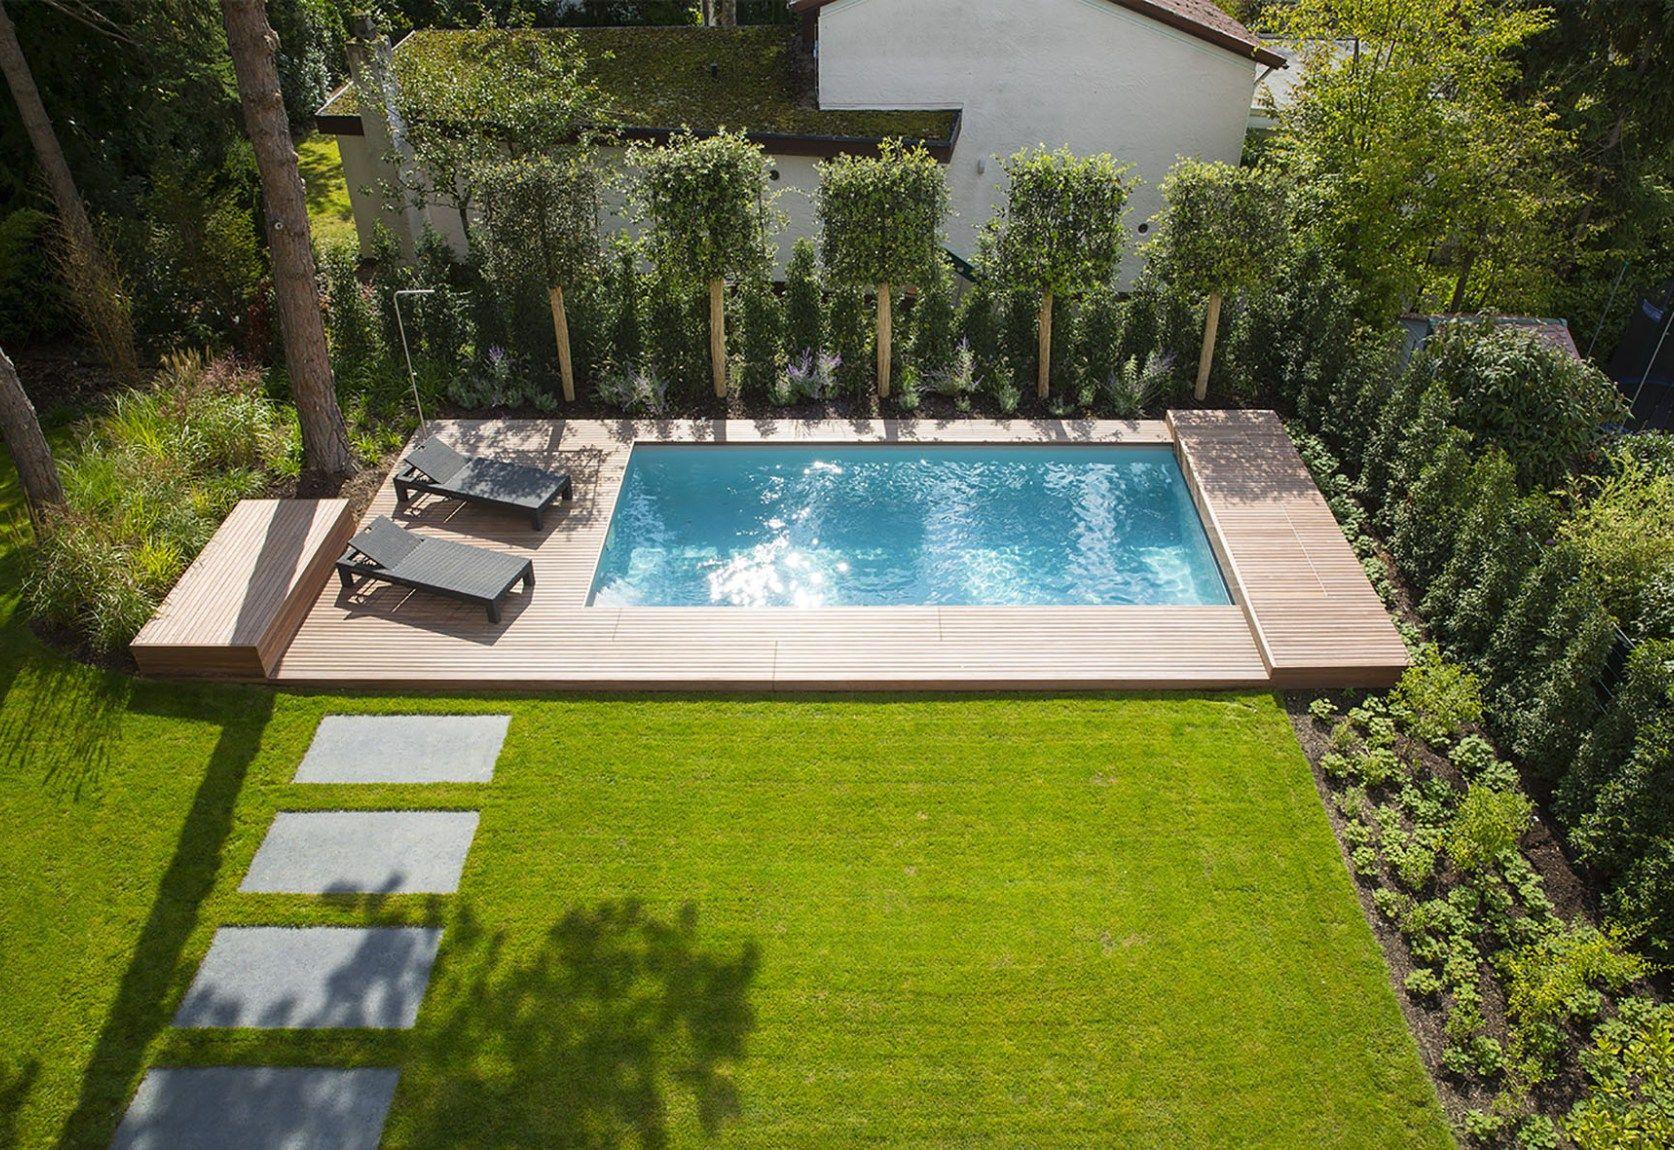 Pool In Kleinem Garten Hinterhof Pool Landschaftsbau Pool Fur Kleinen Garten Schwimmbader Hinterhof